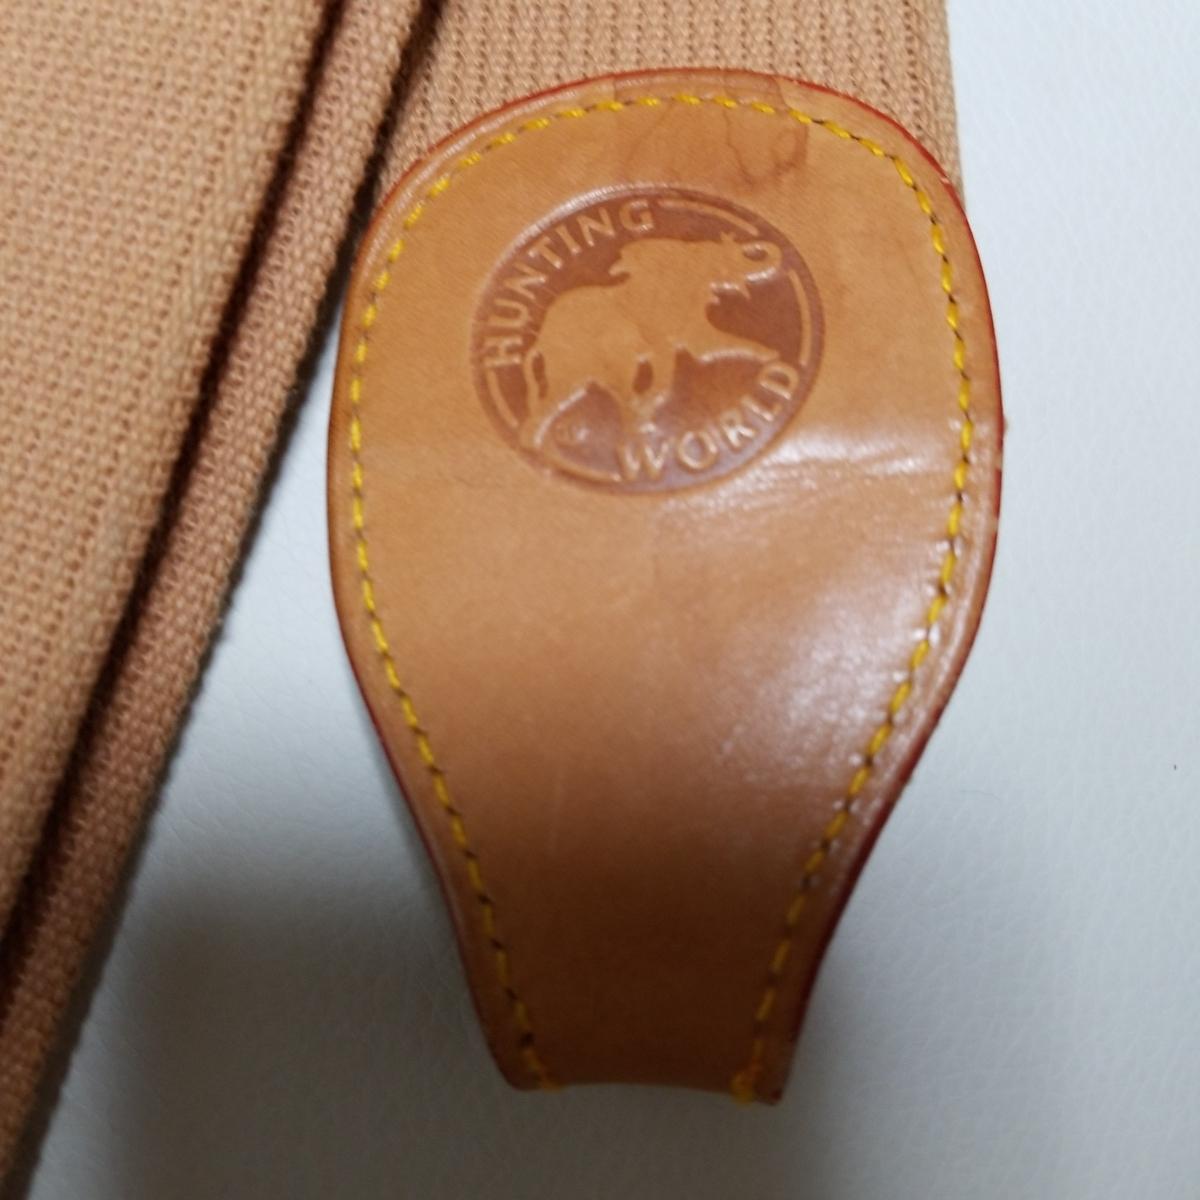 ◆未使用◆ハンティングワールド/ショルダーストラップ/ボストン/その他のバッグ利用可能_画像4